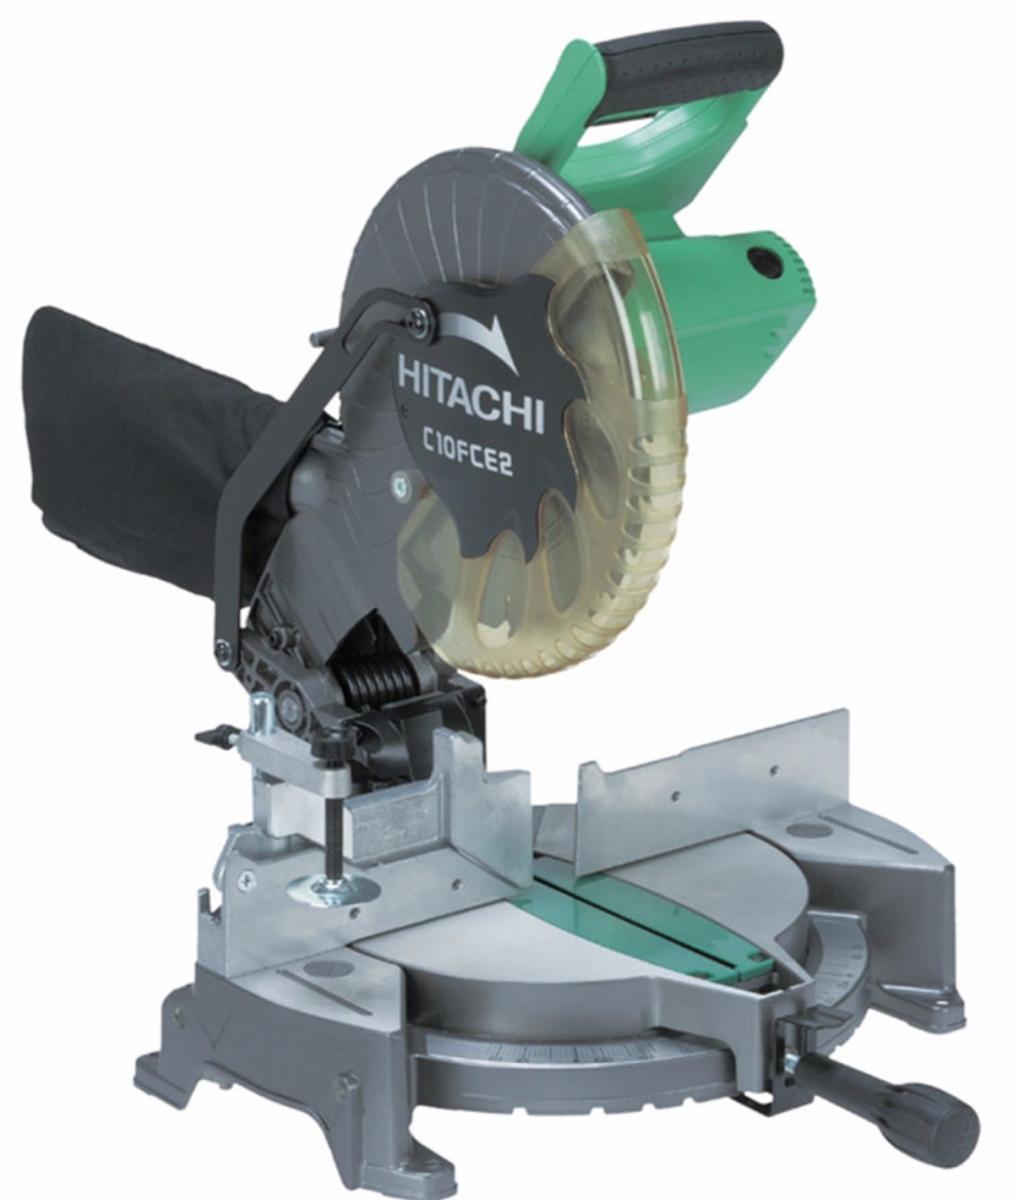 პანელის ხერხი HITACHI C10FCE2